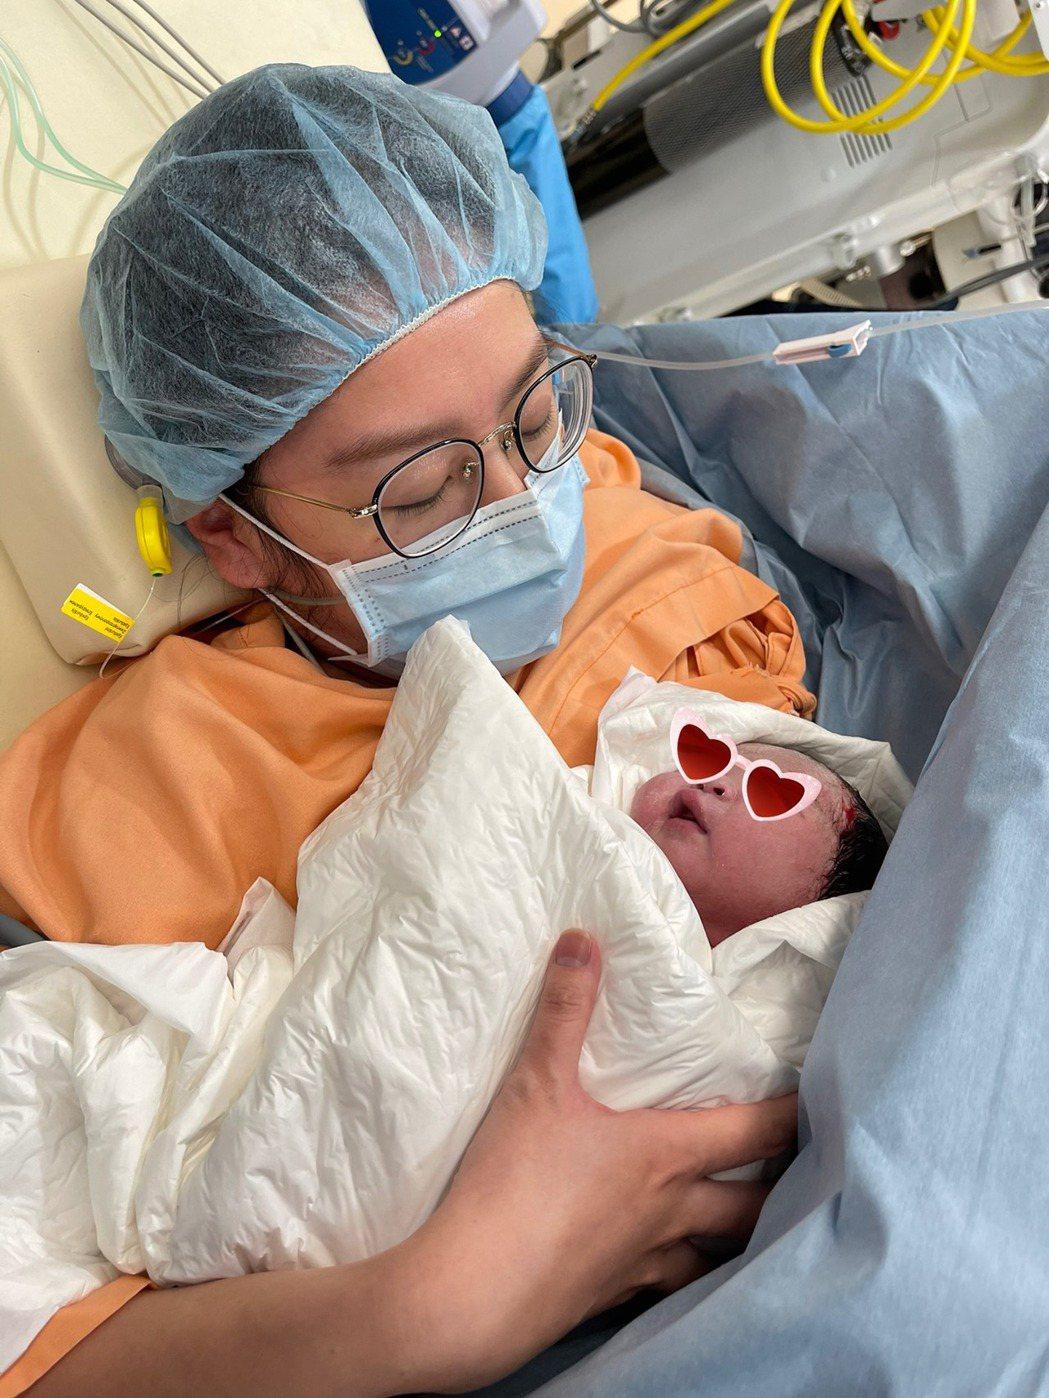 陶嫚曼最近剛生完第二胎。 圖/擷自陶嫚曼臉書